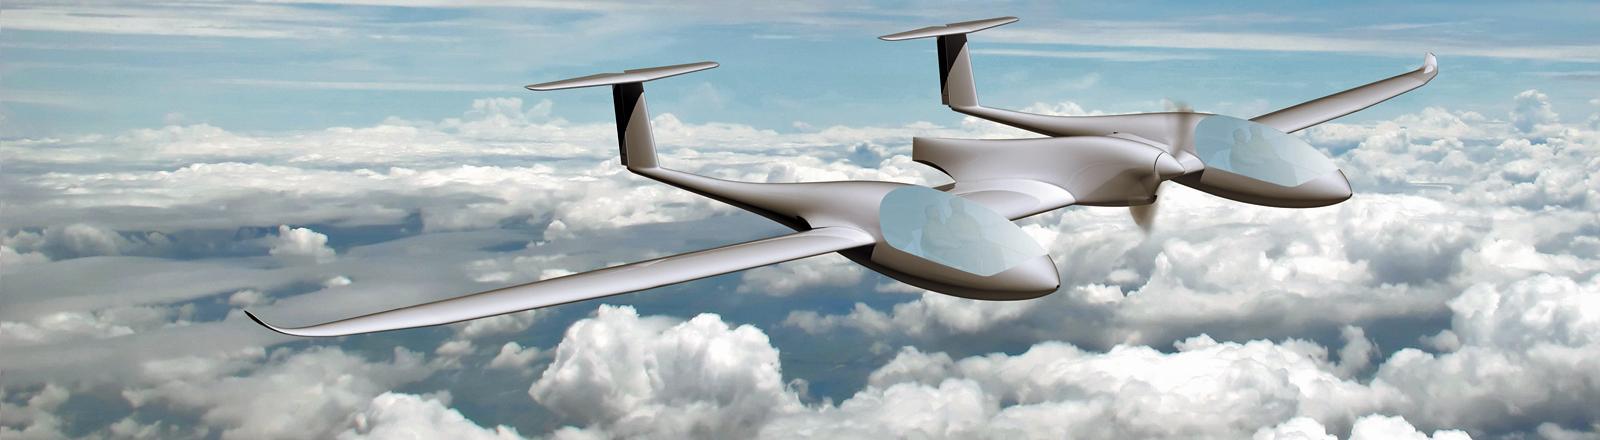 HY4 soll emissionsfreie Passagierflüge möglich machen.